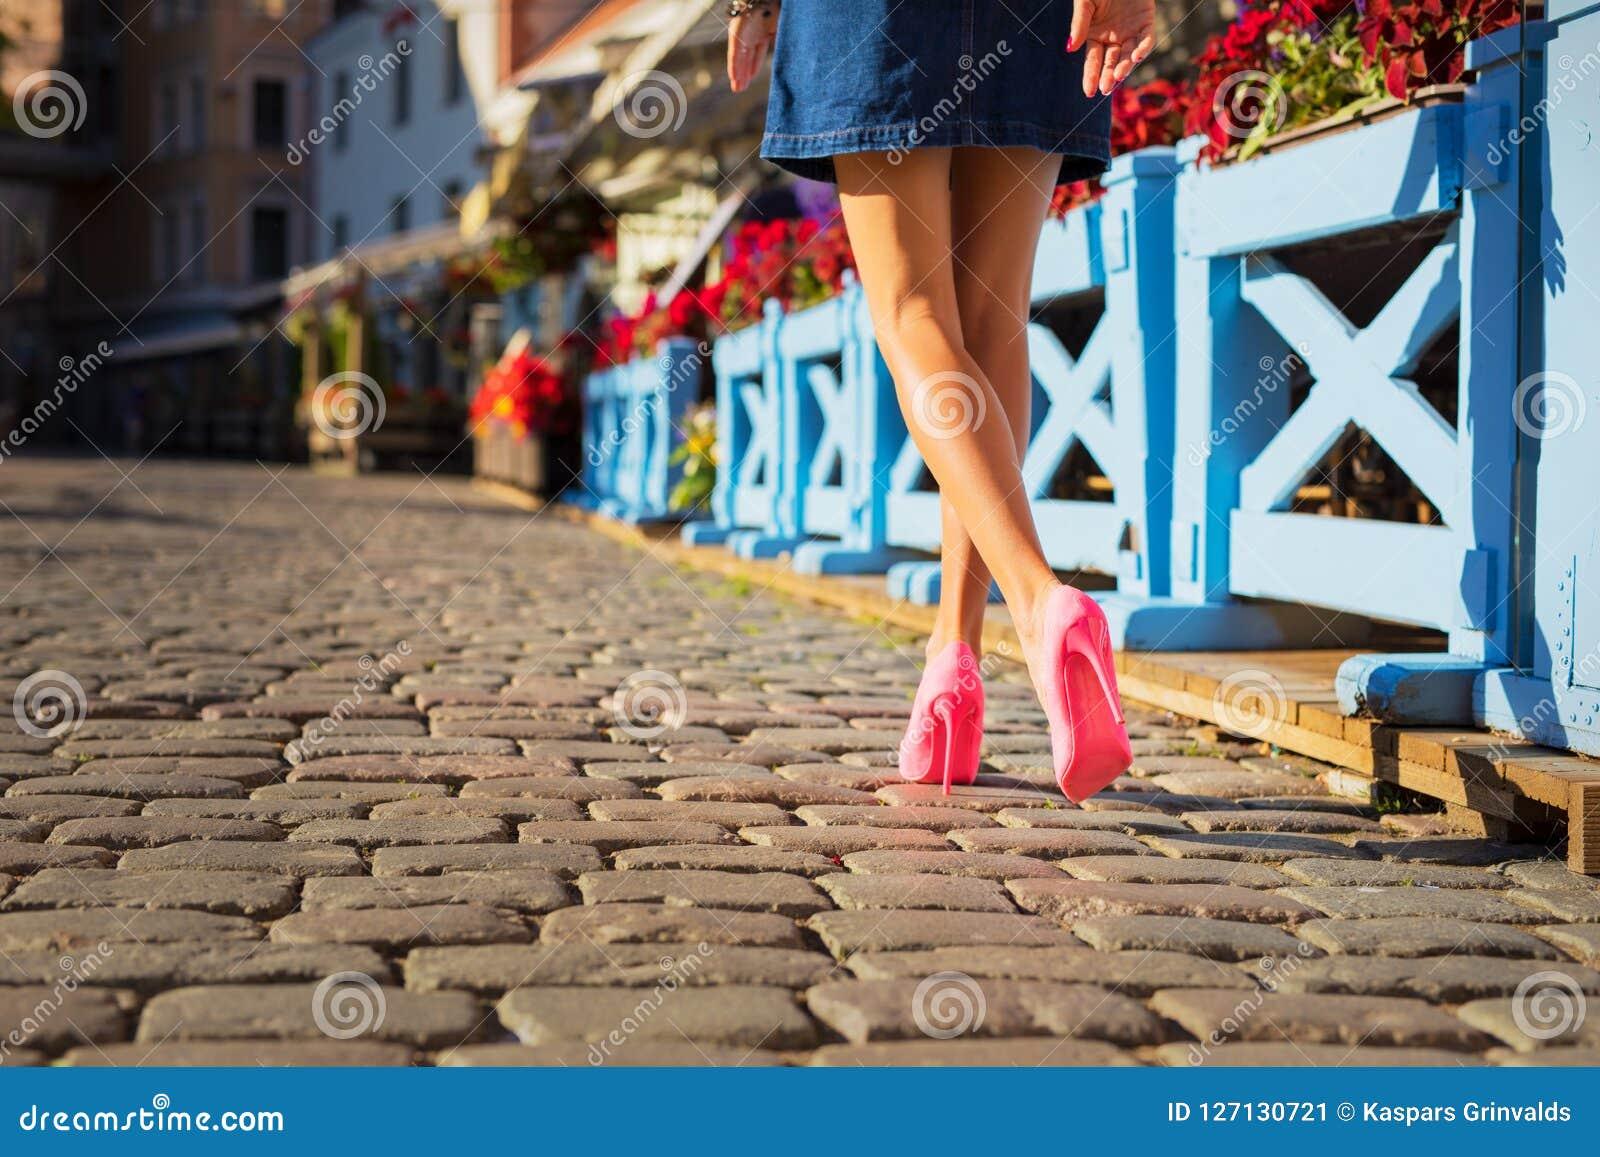 Γυναίκα που φορά τα εκφραστικά ρόδινα παπούτσια